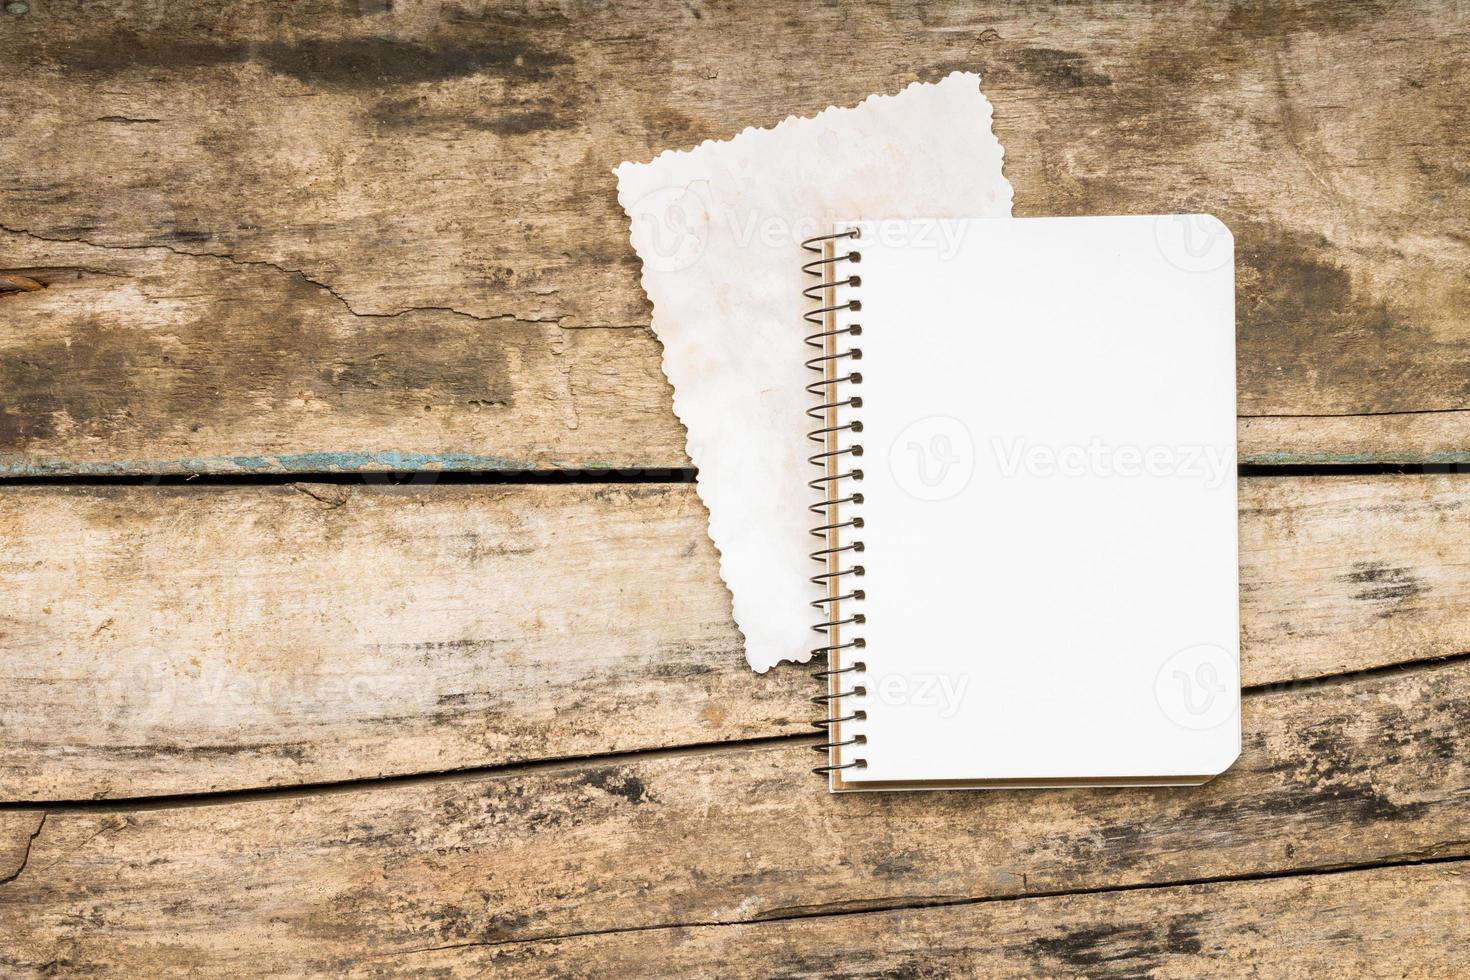 receptenboek over gestructureerde hout achtergrond foto